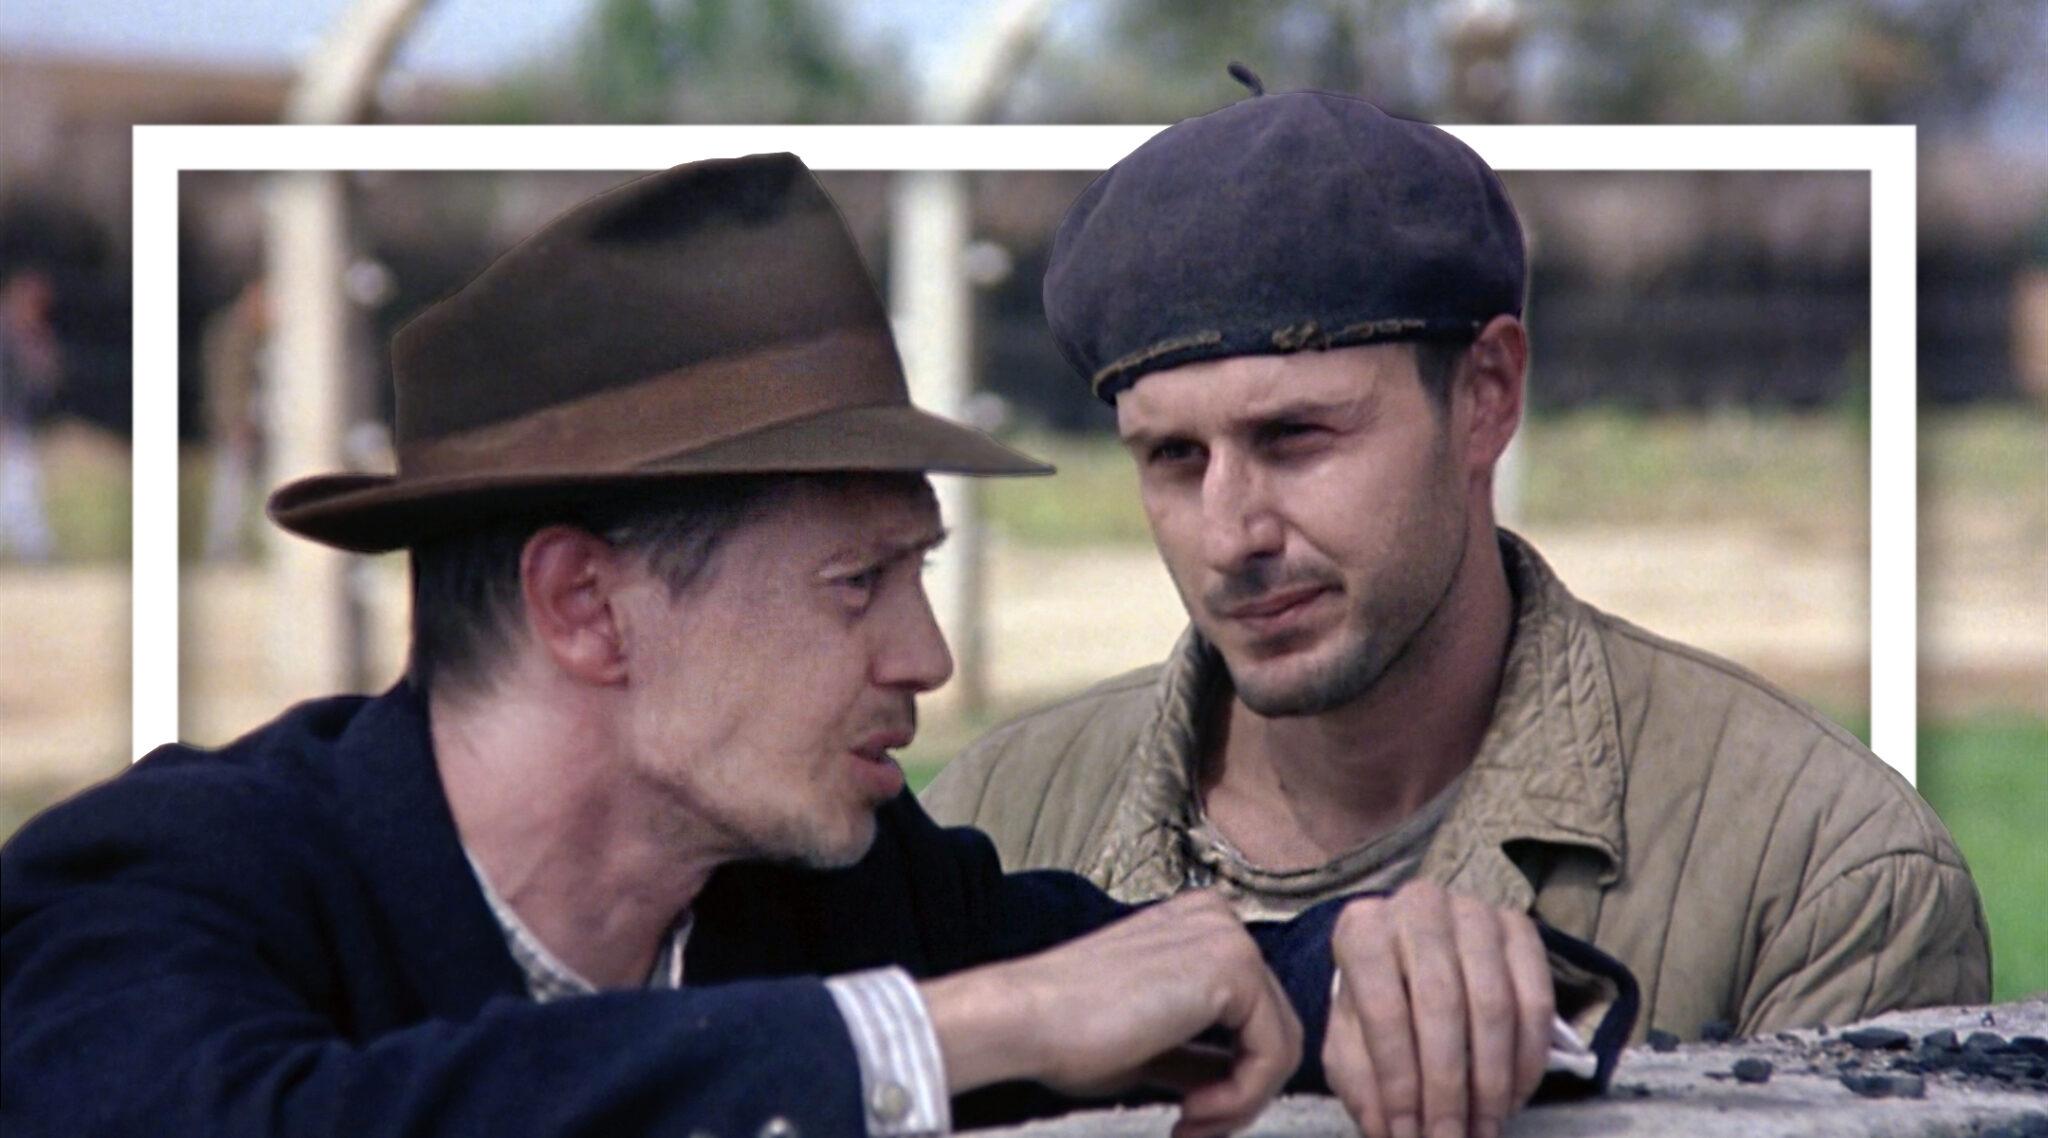 Steve Buscemi et David Arquette dans 'The Grey Zone' (Capture d'écran via Lionsgate Entertainment; Photo illustration by Grace Yagel via JTA)